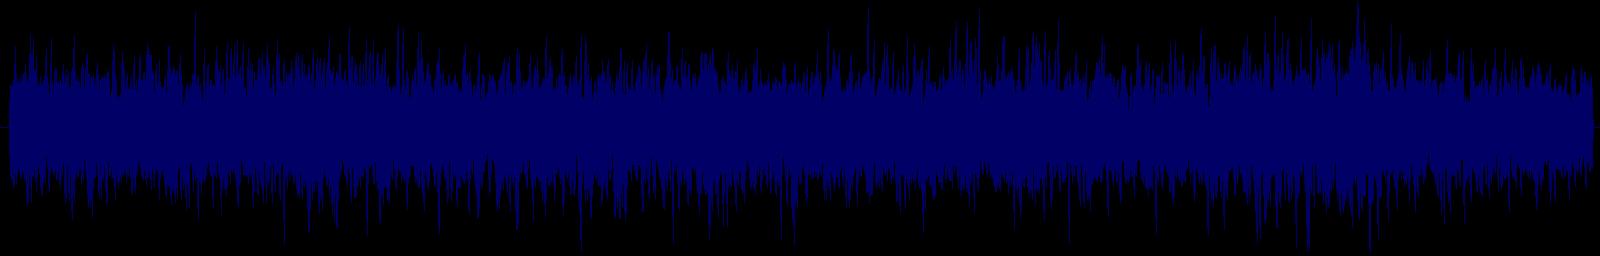 waveform of track #159603